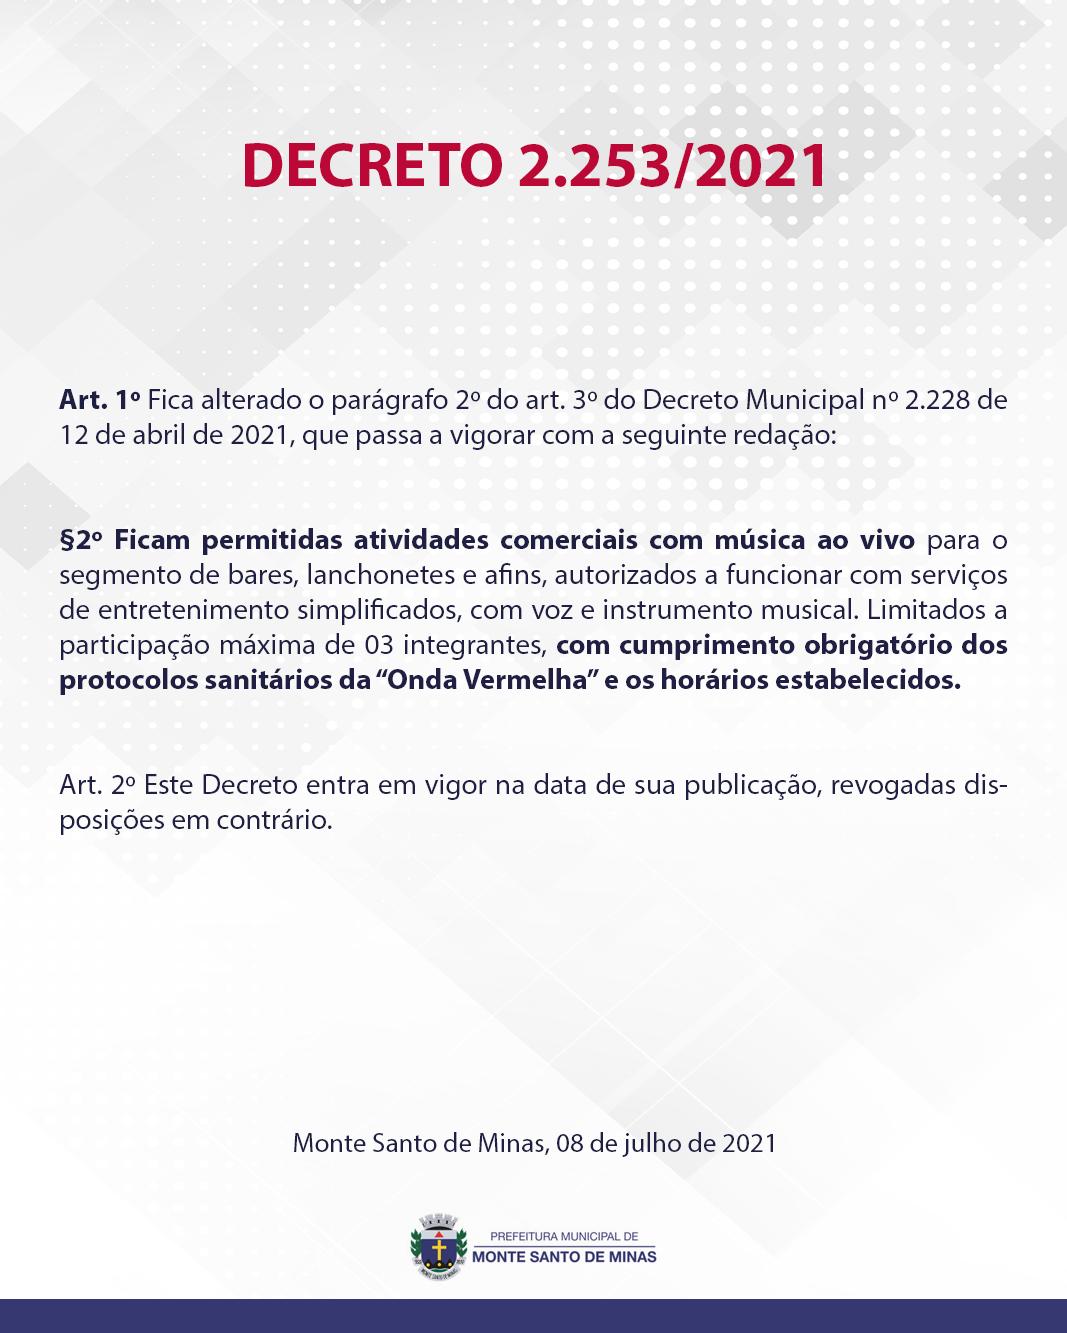 DECRETO-2253